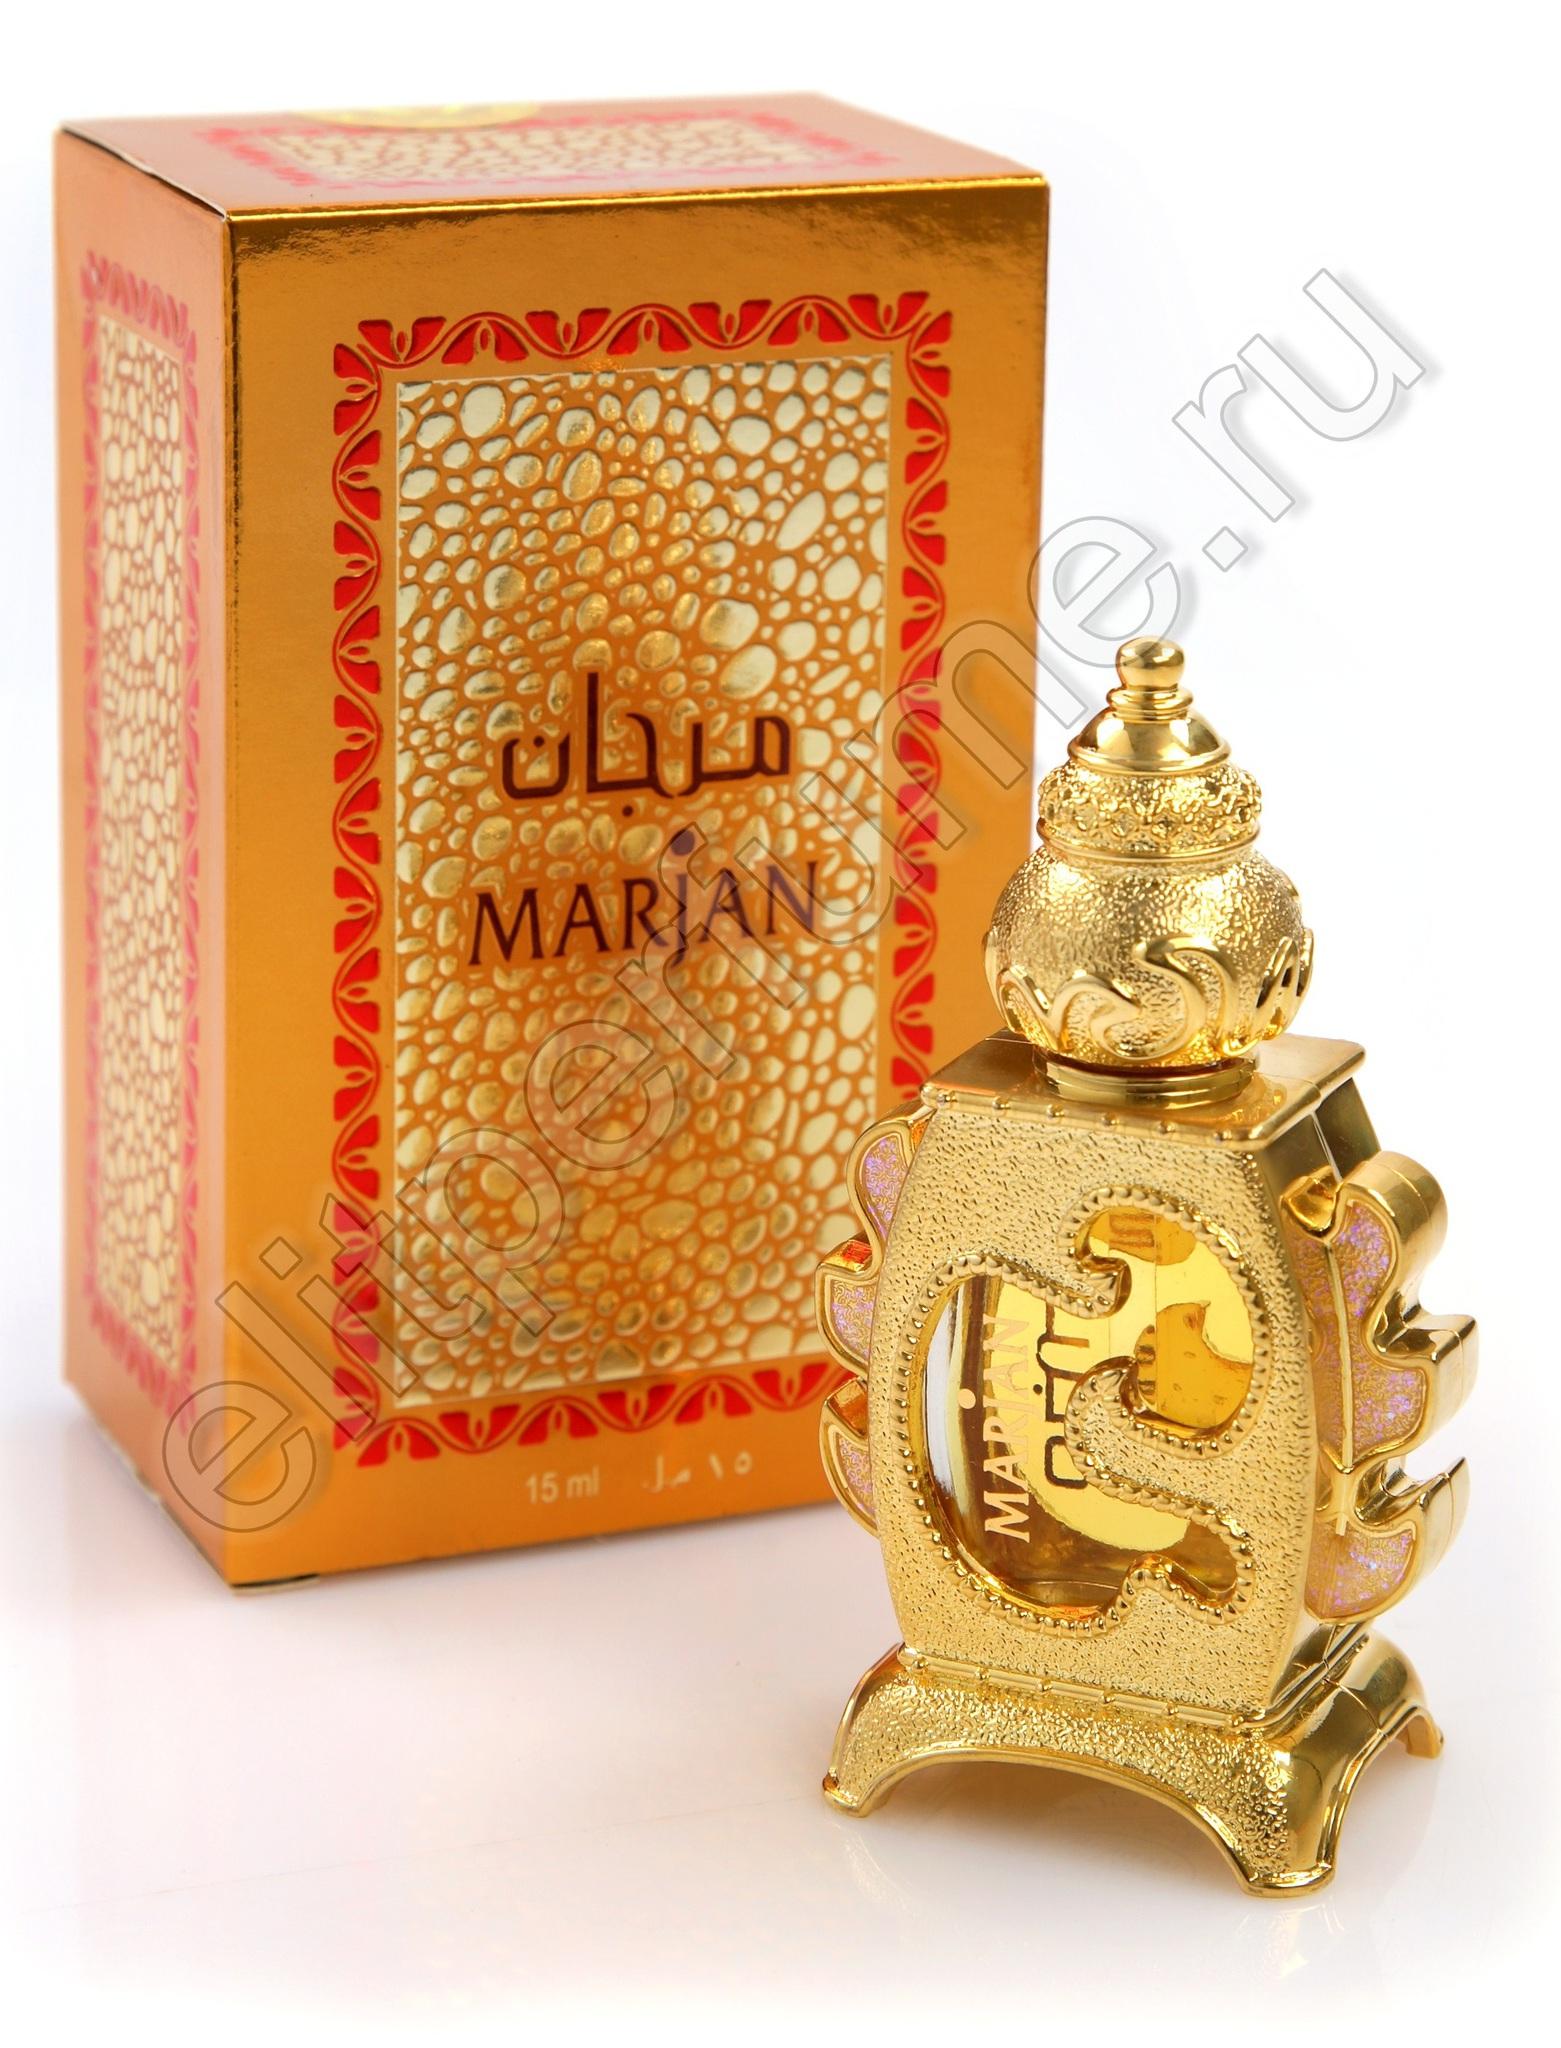 Marjan Марджан 15 мл арабские масляные духи от Аль Харамайн Al Haramain Perfumes